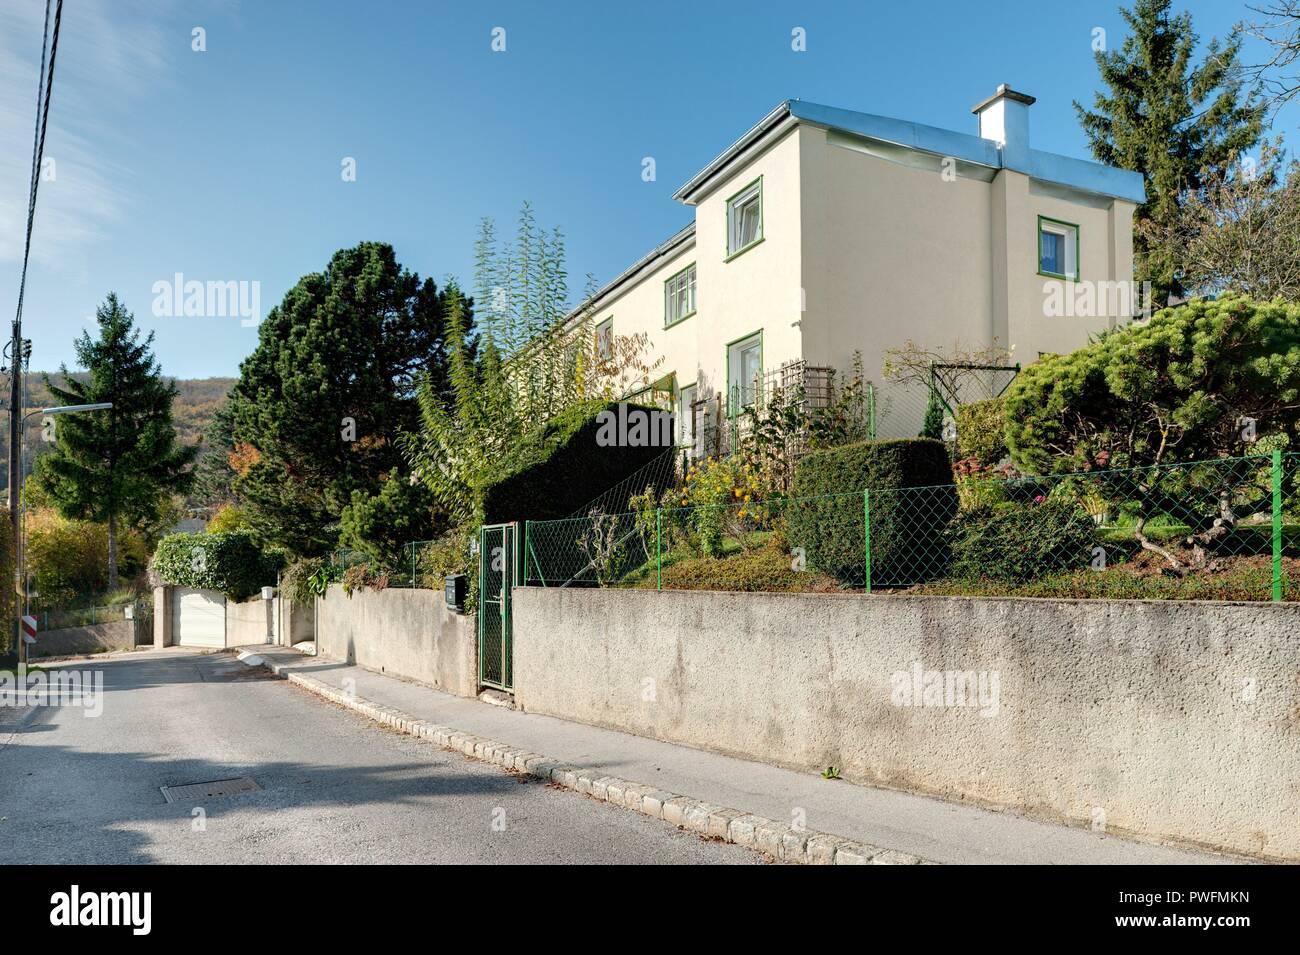 Wien, Wohnbau der Zwischenkriegszeit, Siedlung Heuberg nach einem Konzept von Adolf Loos, 1924 - Stock Image